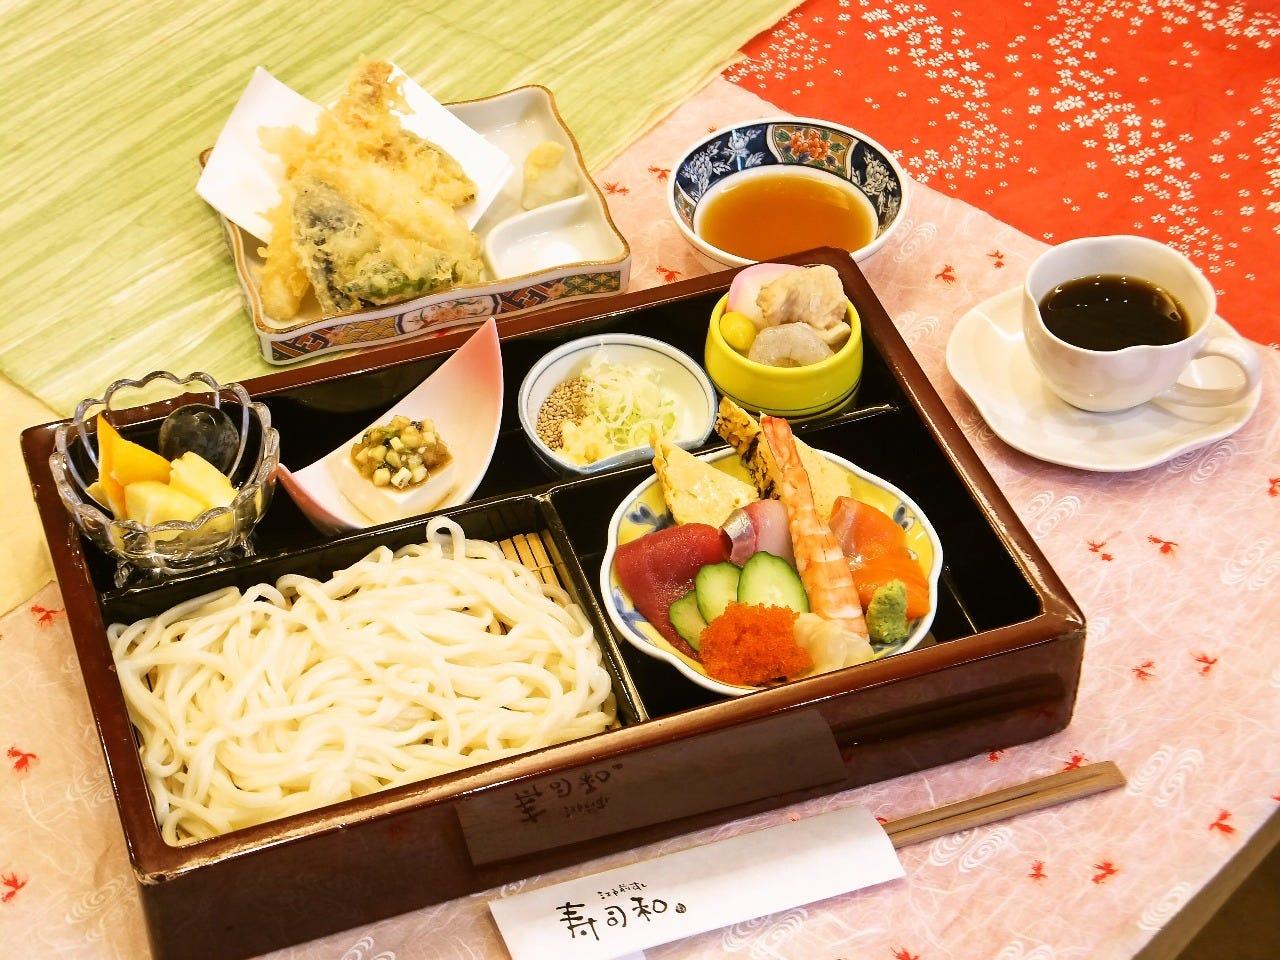 人気の三昧ランチ 1380円 ちらしとうどんと天ぷらなどなど